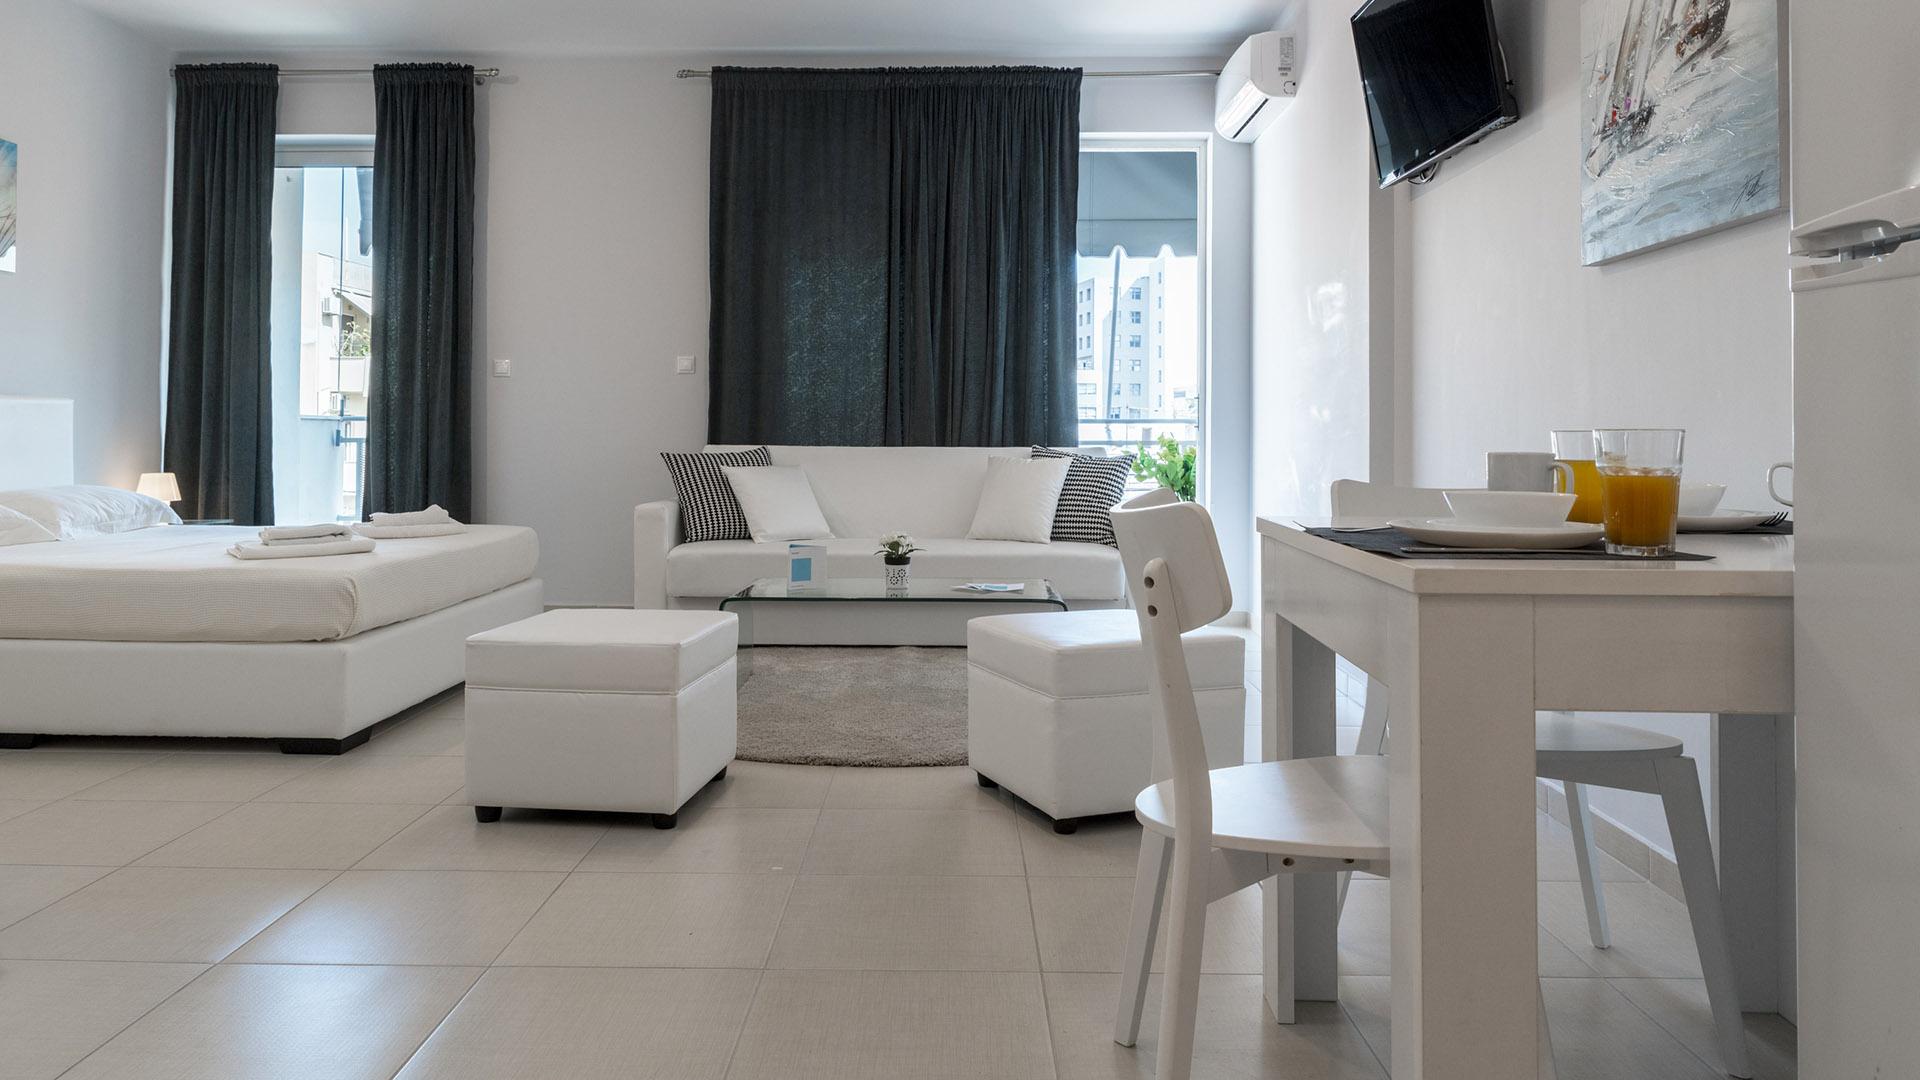 ξενοδοχεια αθηνα - Alekos Apartments & Suites